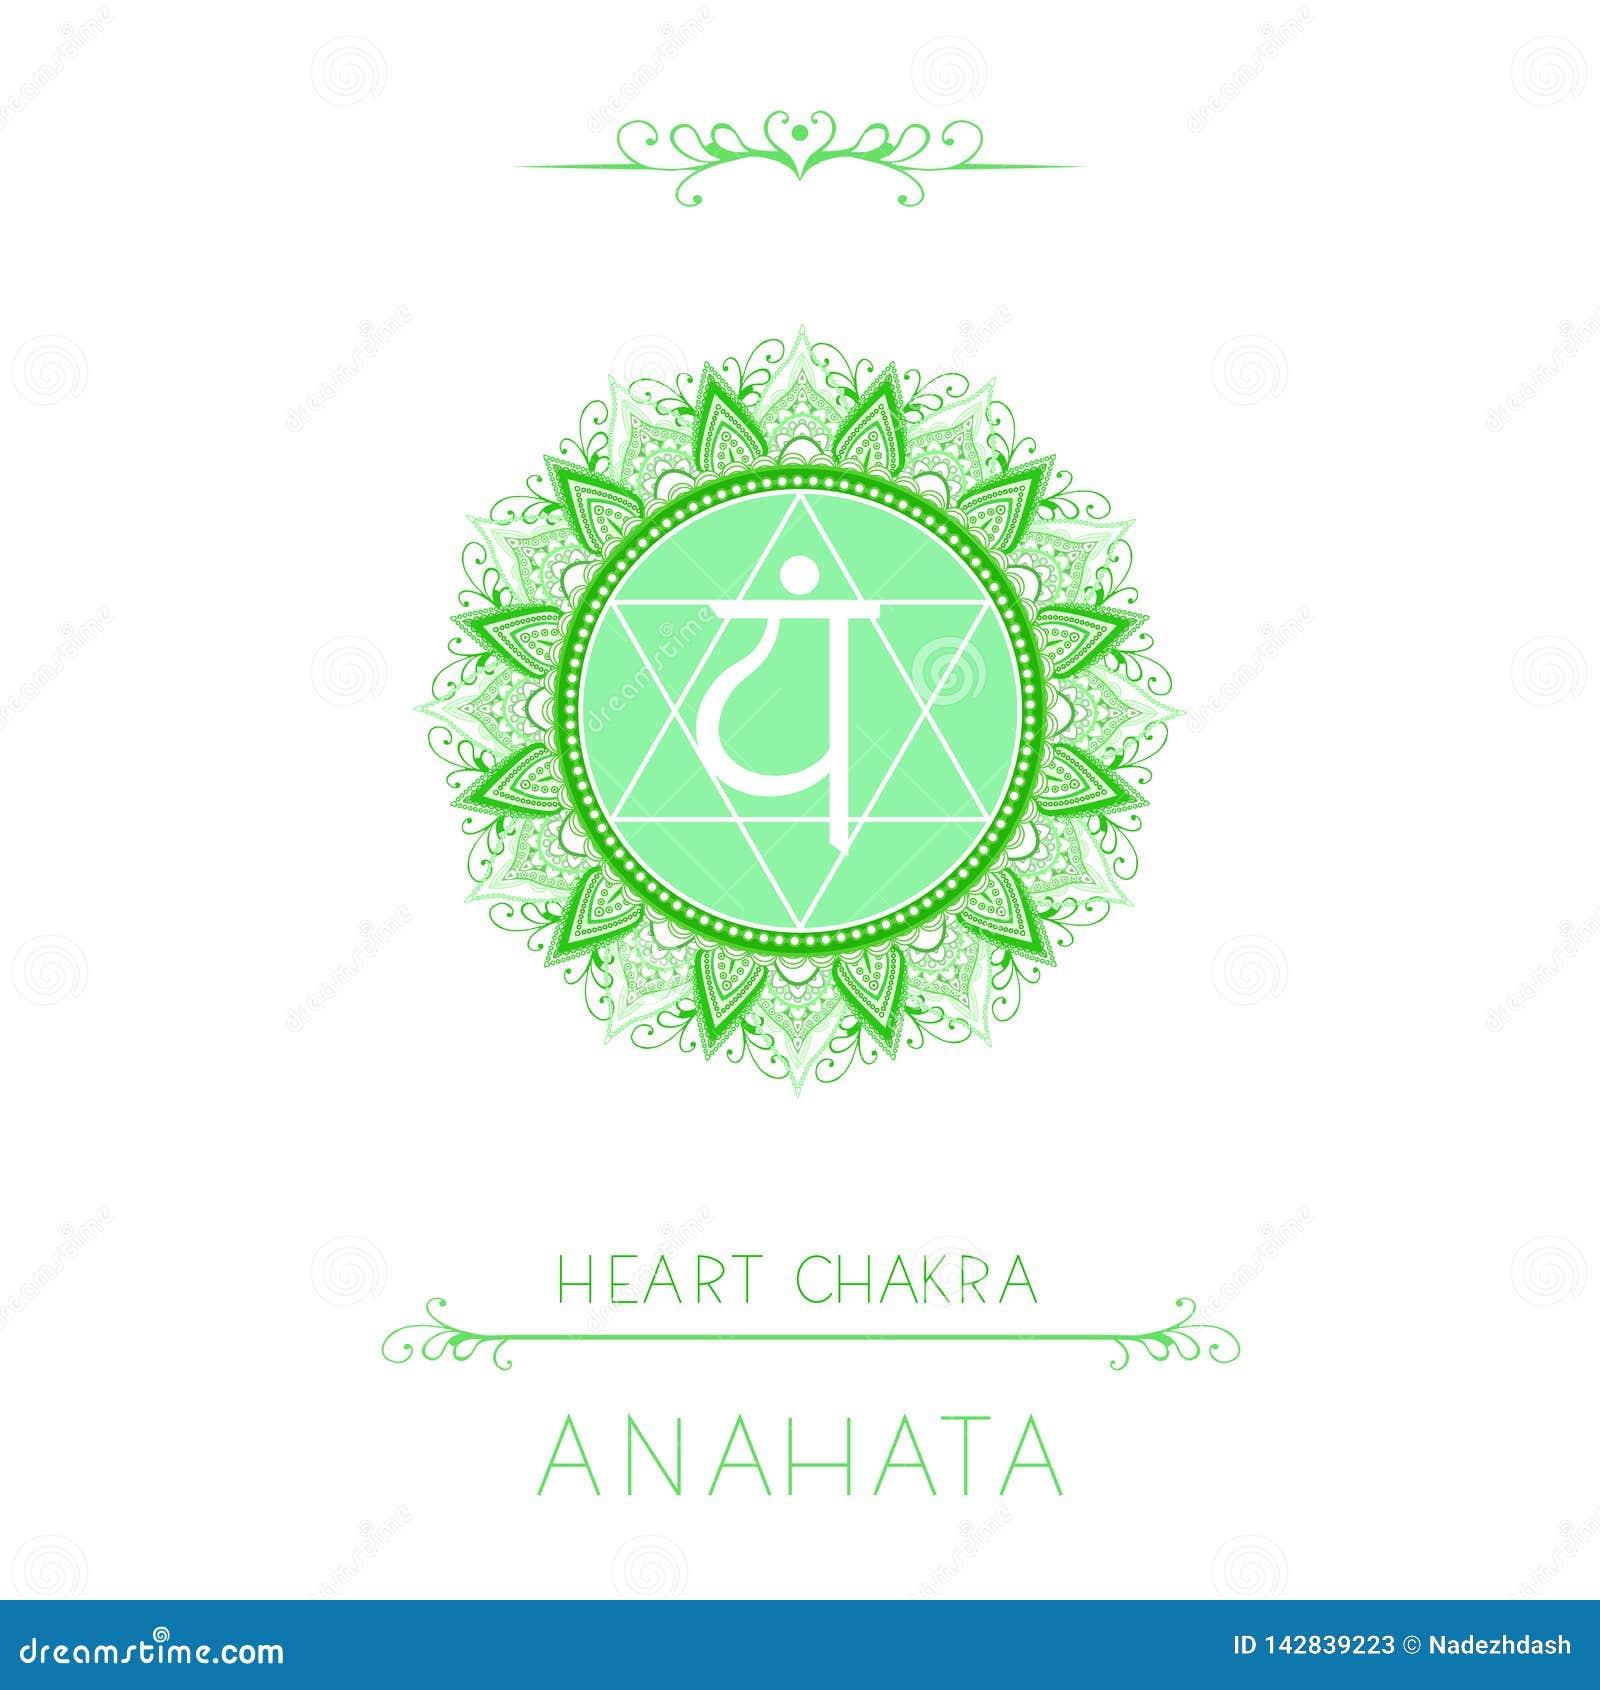 Vectorillustratie met symbool Anahata - Hartchakra en decoratieve elementen op witte achtergrond